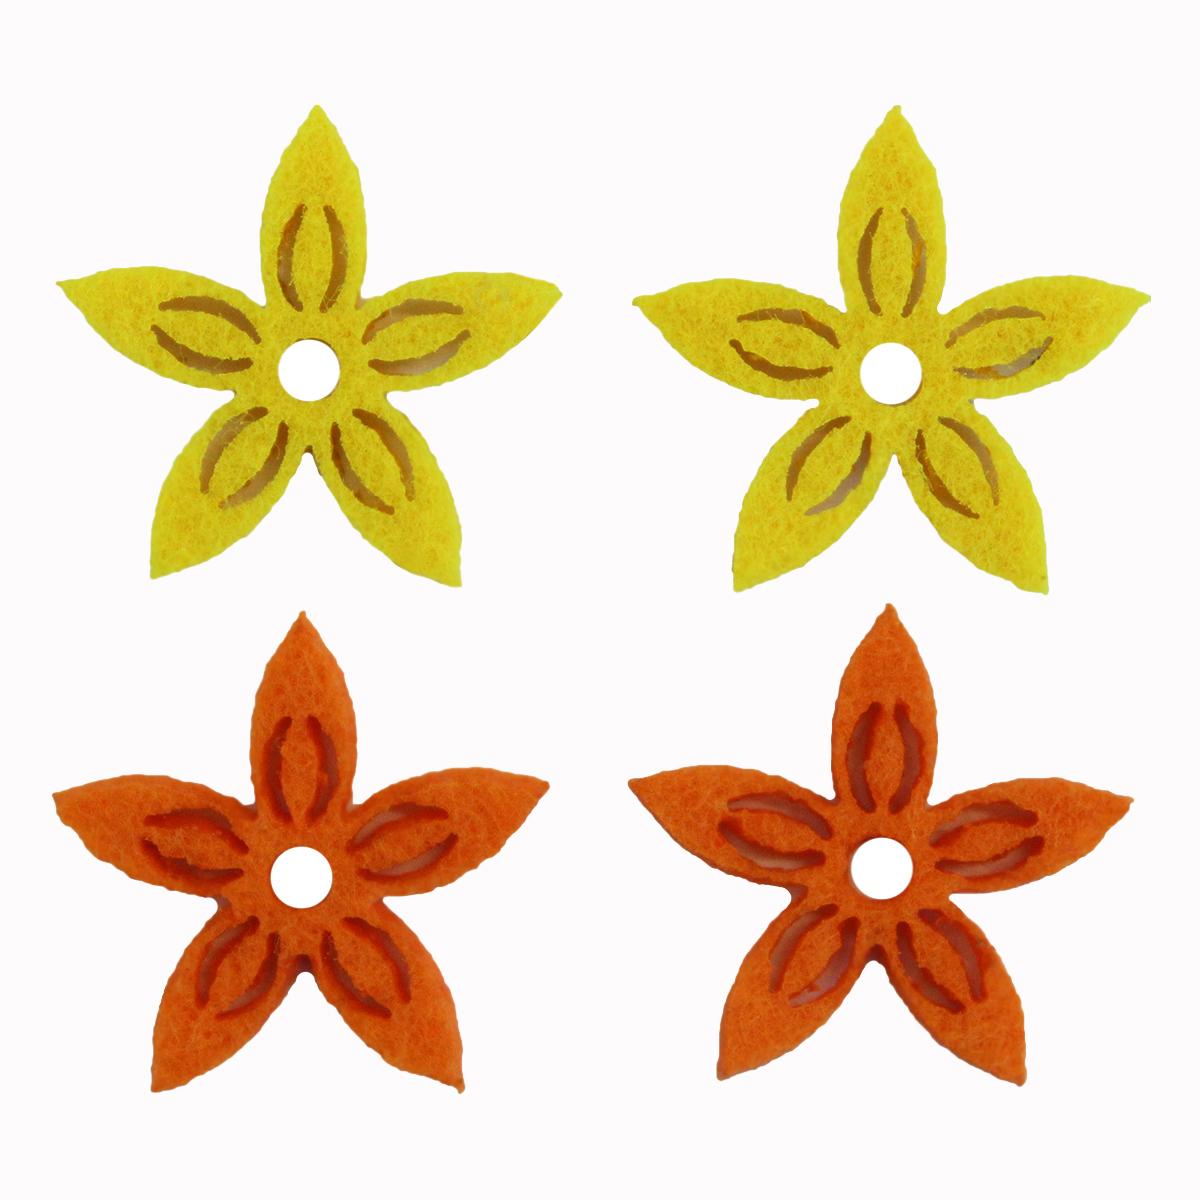 Фигурки из фетра Glorex Цветы, цвет: желтый, оранжевый, 3 см, 12 шт09840-20.000.00Фетр пользуется большой популярностью среди рукодельниц. Его любят за эстетичный вид, практичность и отличную текстуру. Из данного материала вашему вниманию предлагаются заготовки Glorex. Широкое разнообразие цветов и форм поможет реализовать творческие задумки и гармоничным образом дополнить ваше творение. Из фетра можно создавать обложки для книг, ежедневников, игрушки, декоративные чехлы для подушек и многое, многое другое.